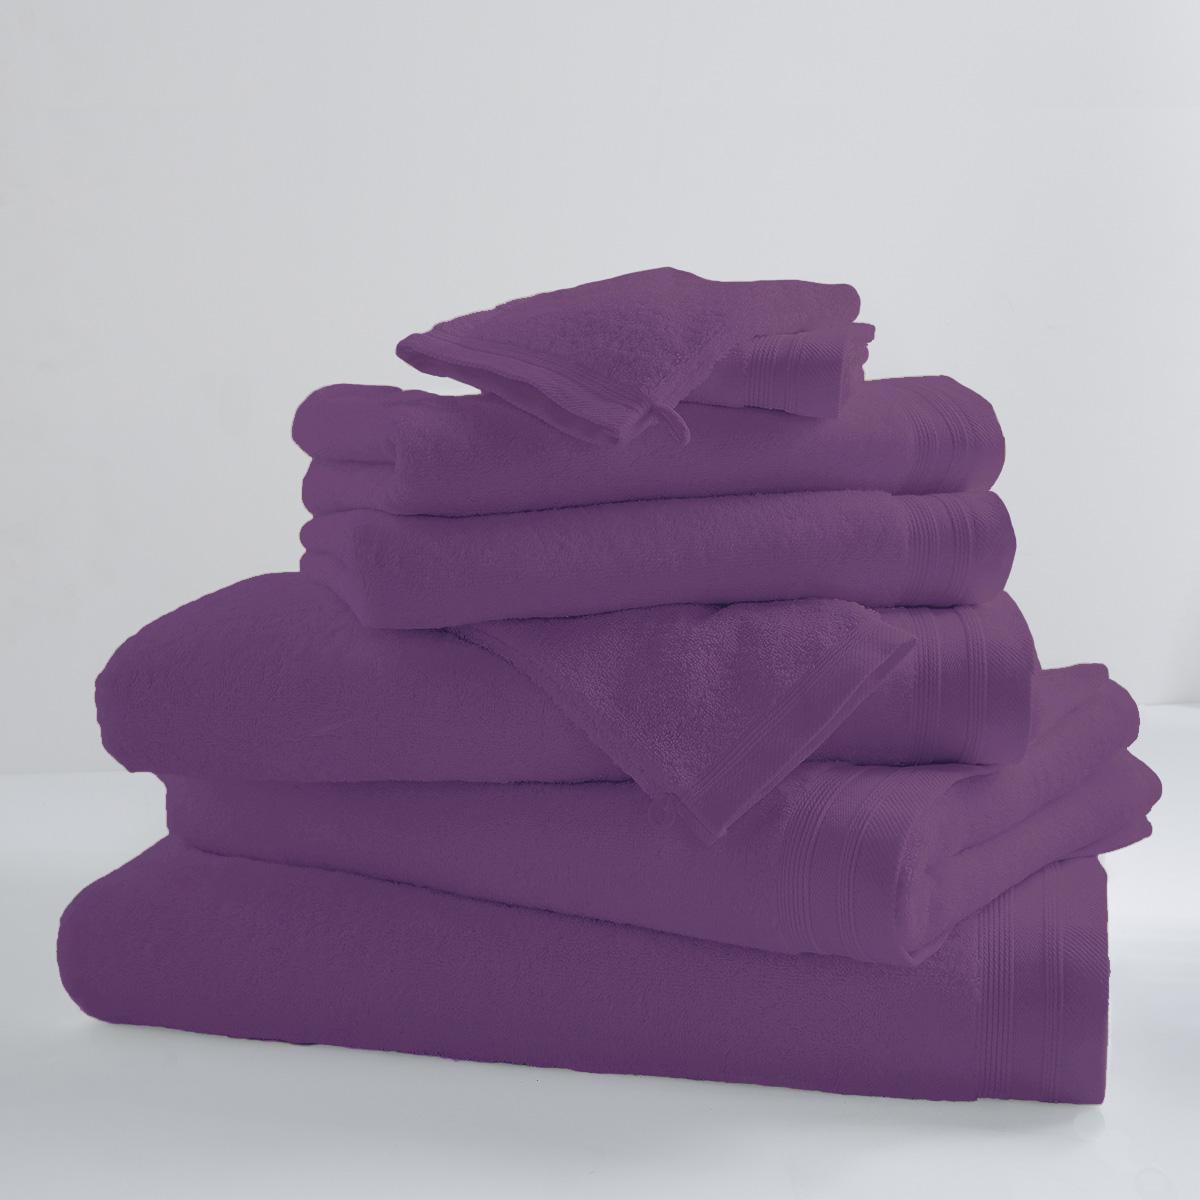 Drap de douche uni et coloré coton violette 140x70